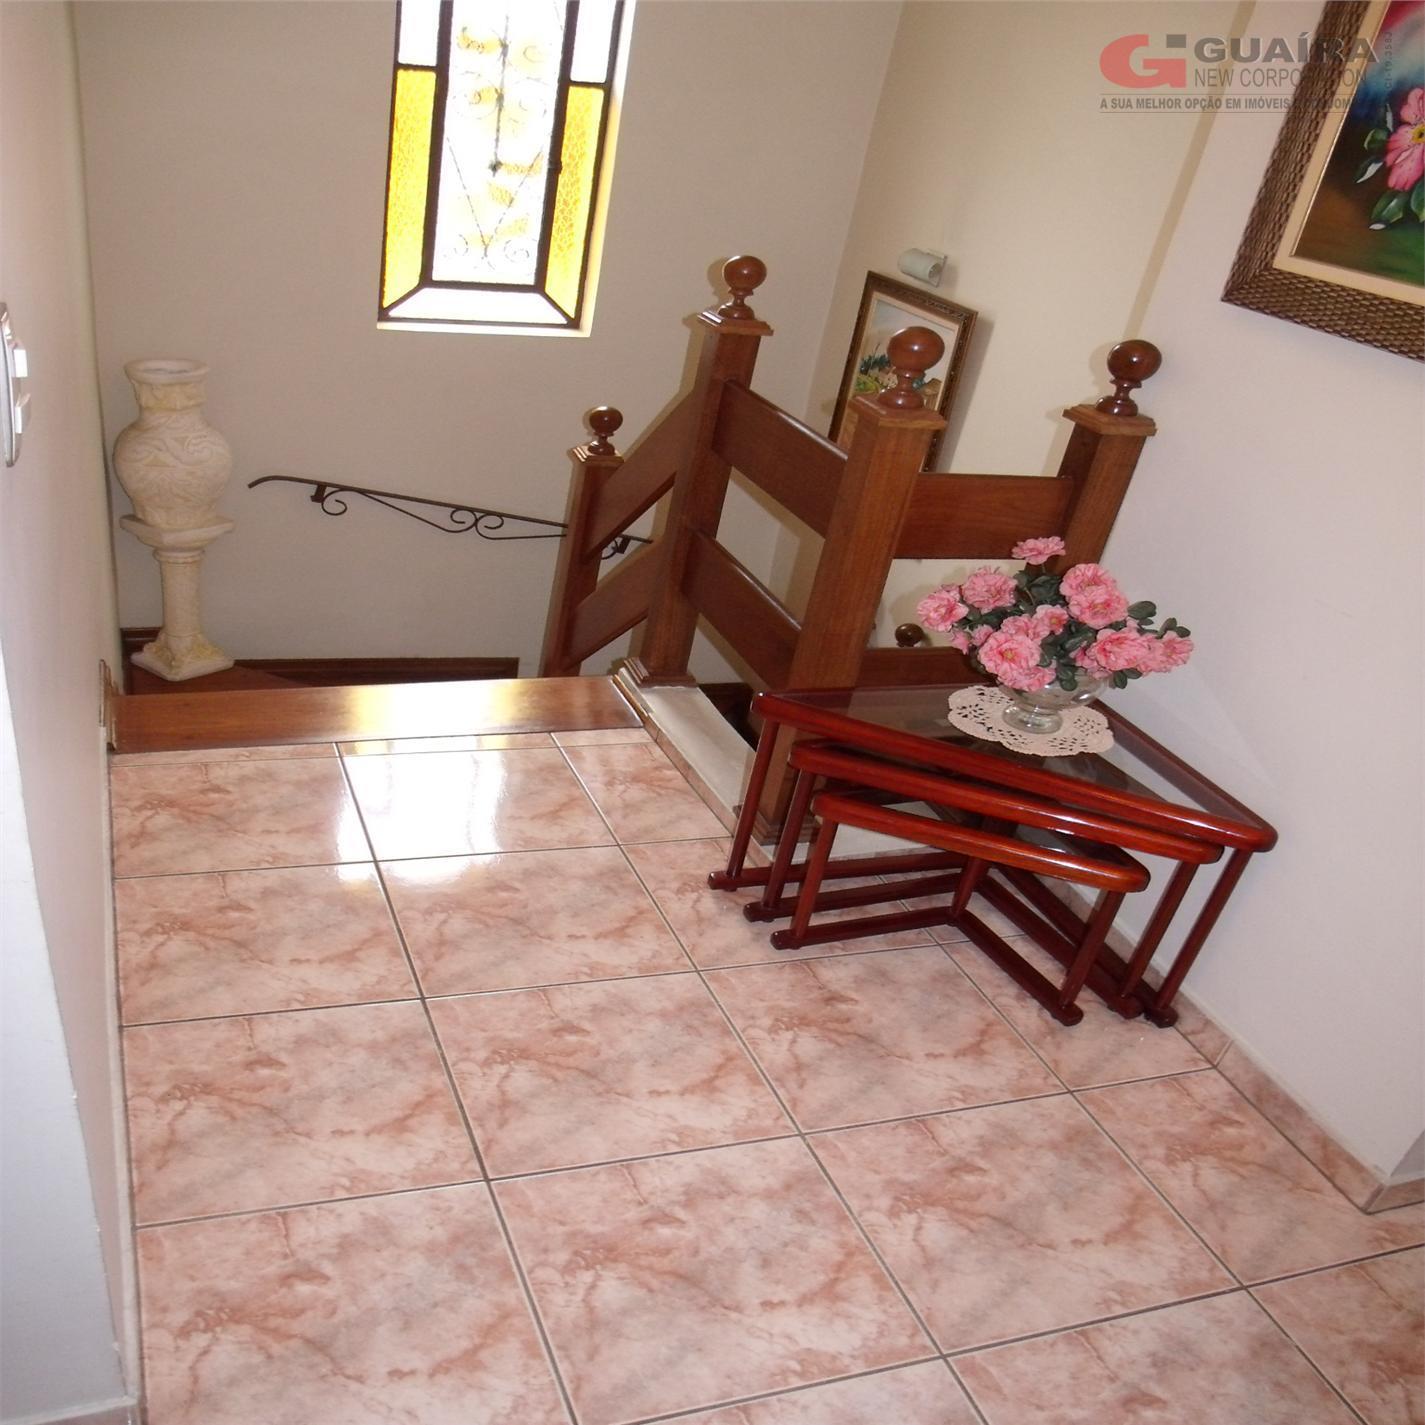 Sobrado de 3 dormitórios em Rudge Ramos, São Bernardo Do Campo - SP